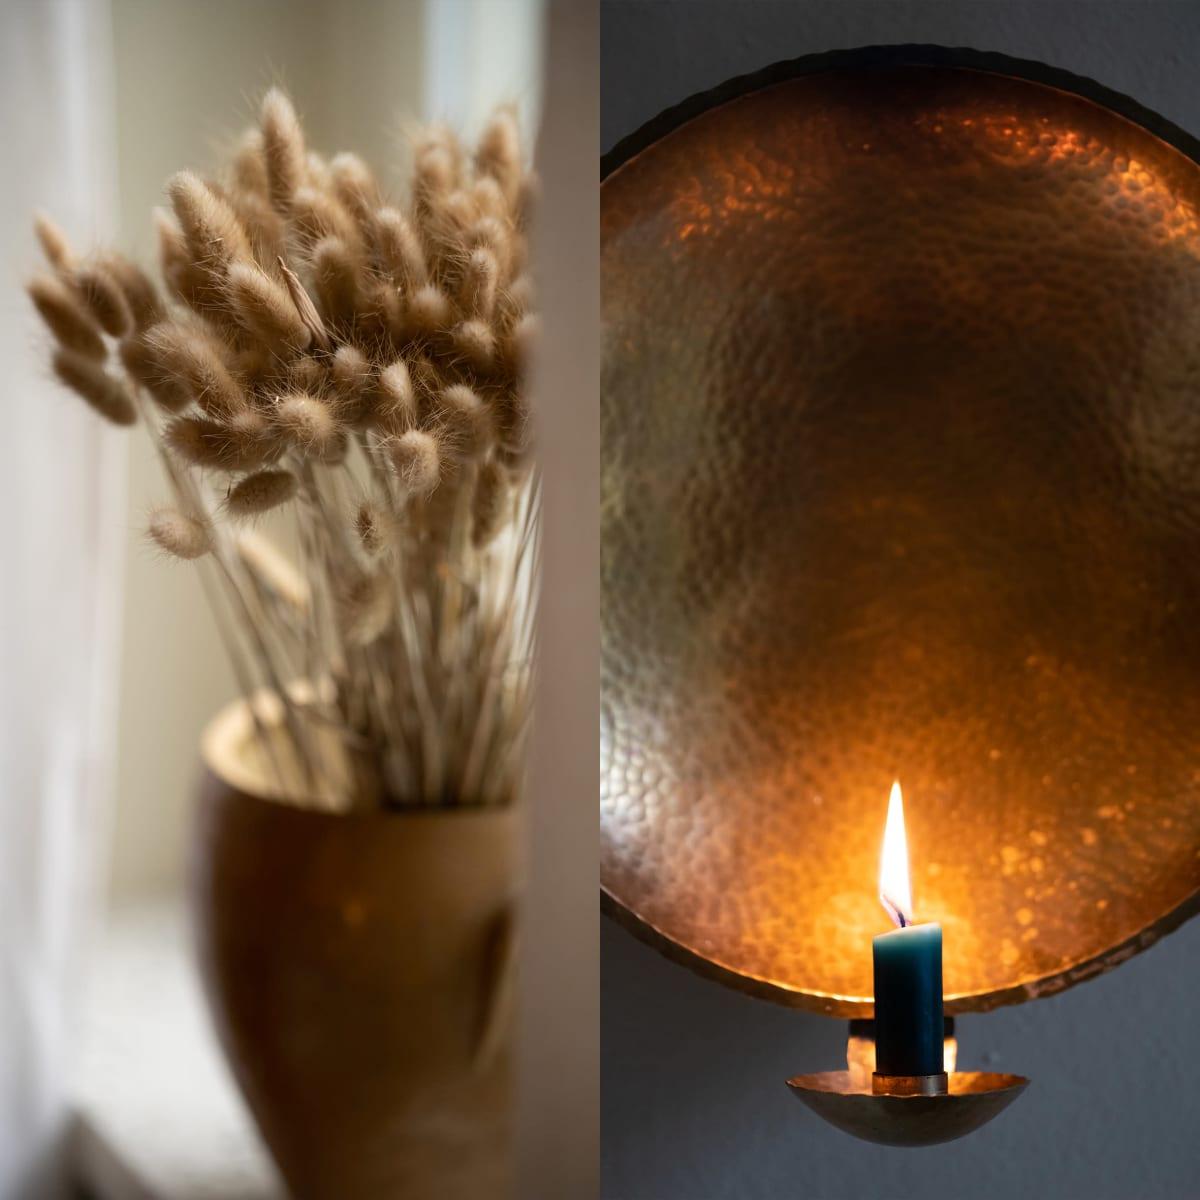 Kahden kuvan kollaasi, jossa toisessa heiniä maljakossa ja toisessa kynttilä lampetissa.